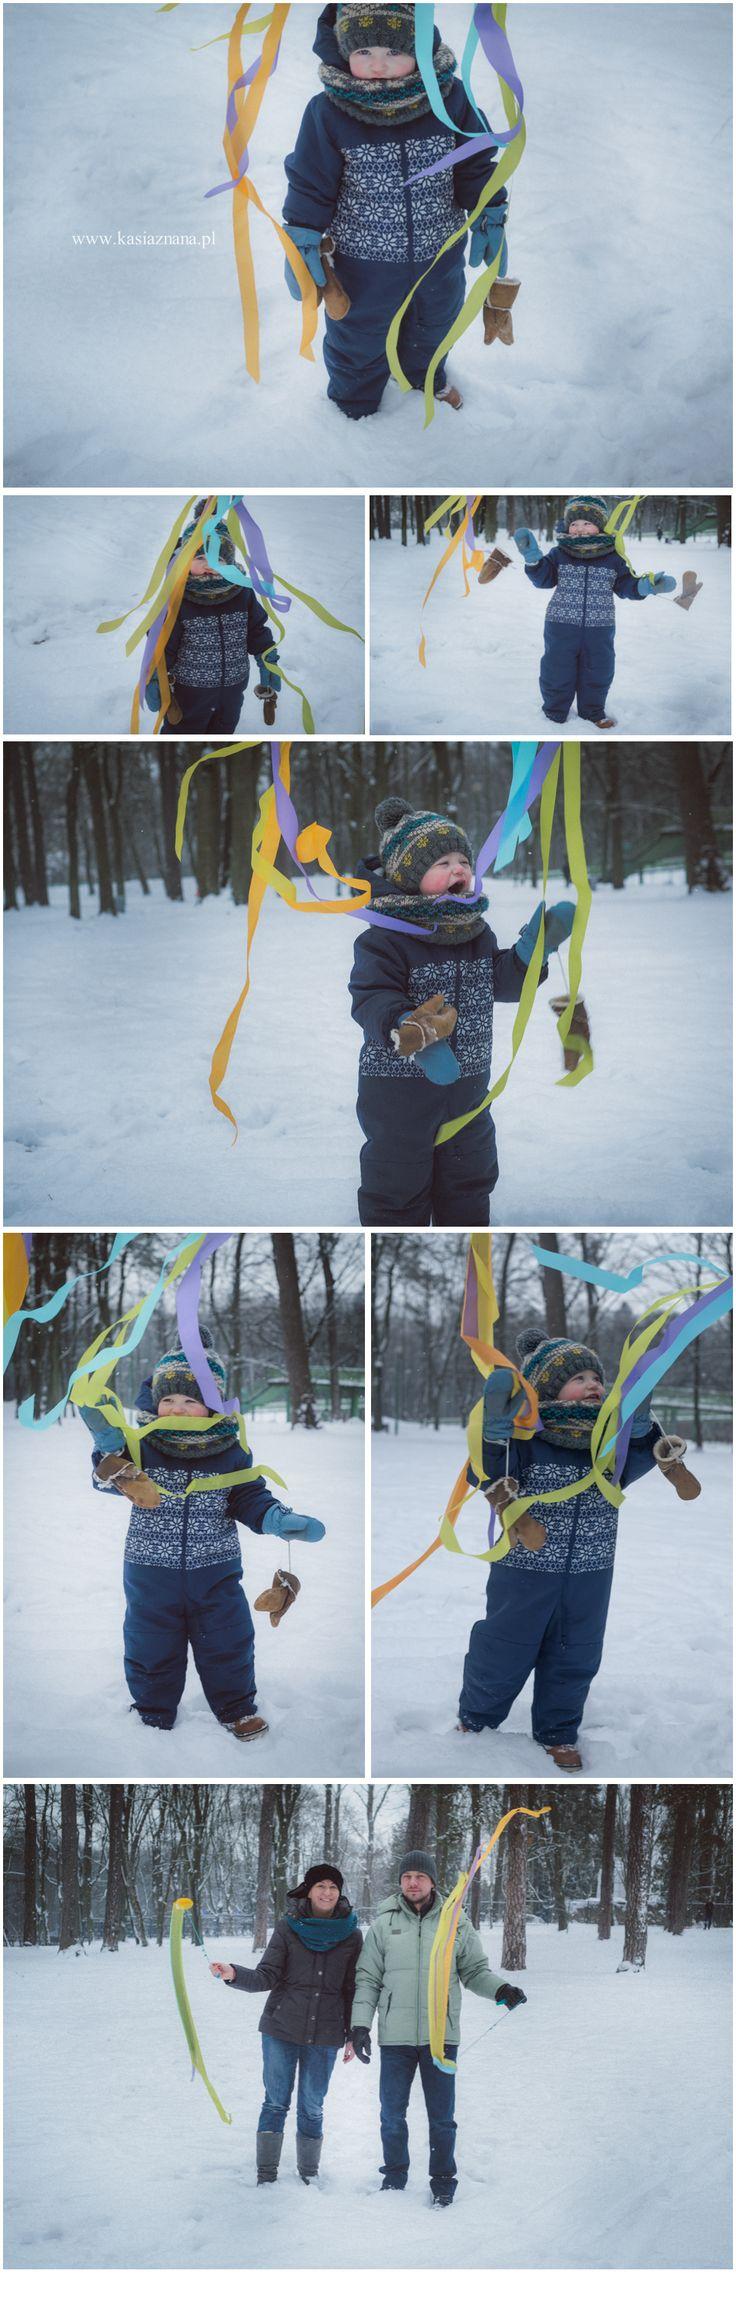 Ignacy zimy się nie boi, jak na małego mężczyznę przystoi. Ciepły kombinezon ubrał i rodziców na spacer zabrał. Nuda? Ignaś nie wie co znaczy. Bałwana ulepił. Mamę na sankach przewiózł. Tatę śnieżkami obrzucał. Nuda Ignacego się nie trzyma, tym bardziej gdy jest zima!